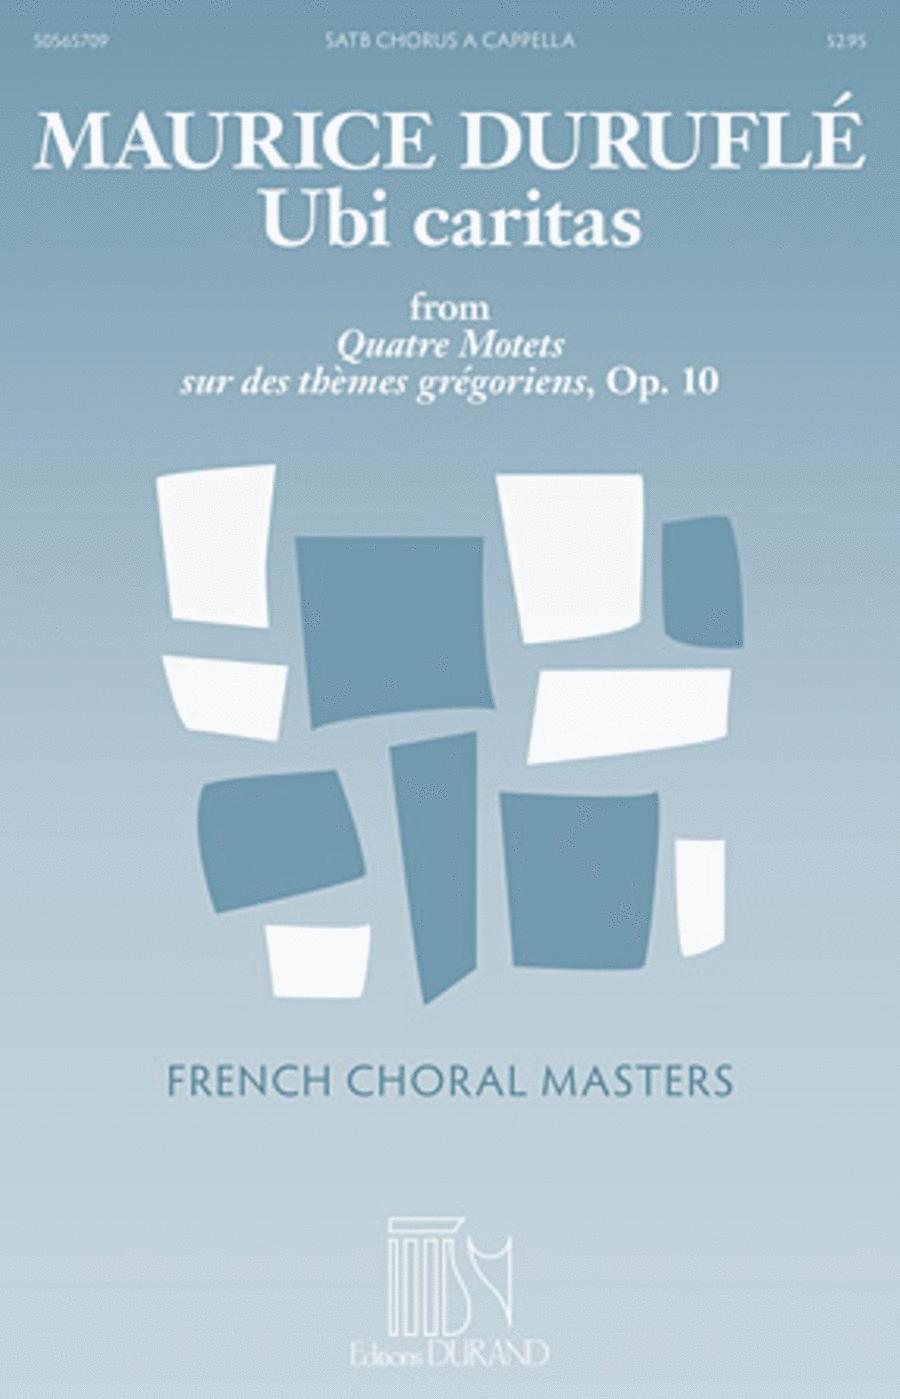 Ubi caritas from Quatre Motets sur des themes gregoriens, Op. 10